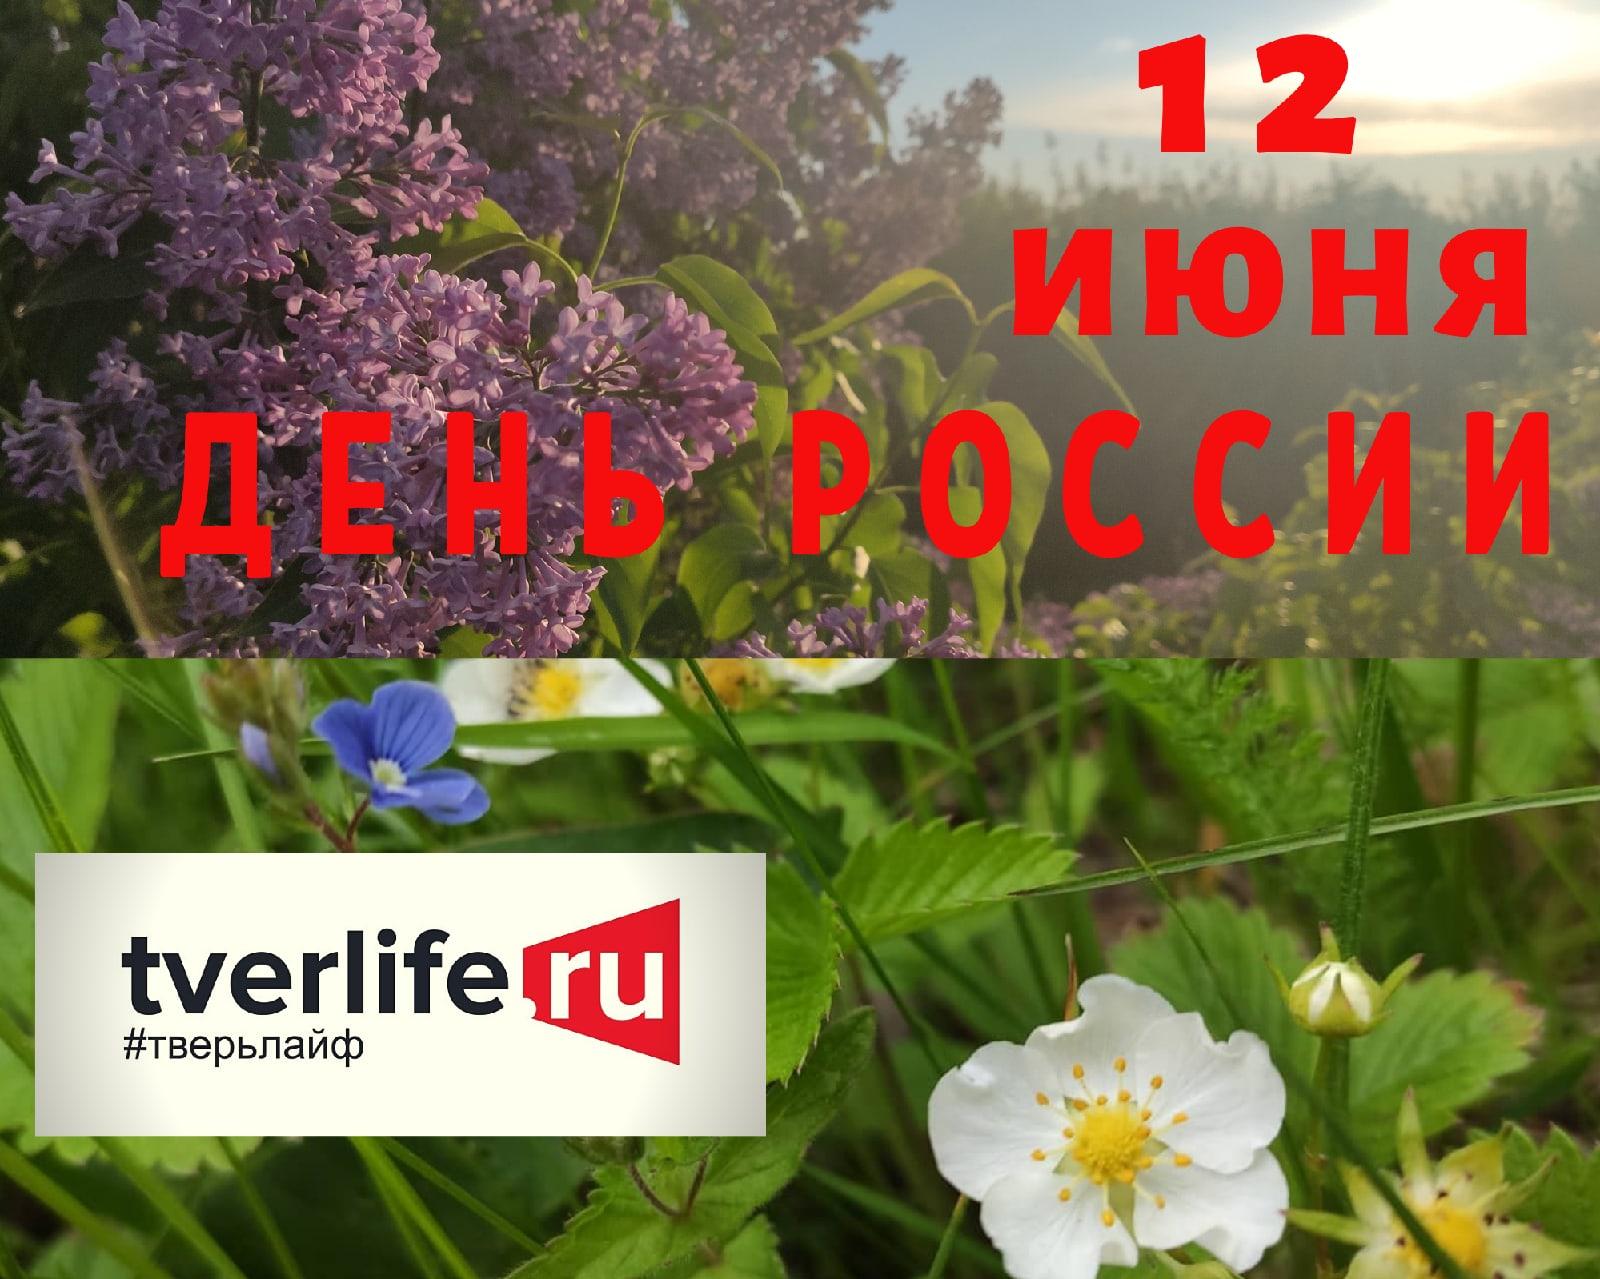 Открытки и стихи: подборка поздравлений с Днем России